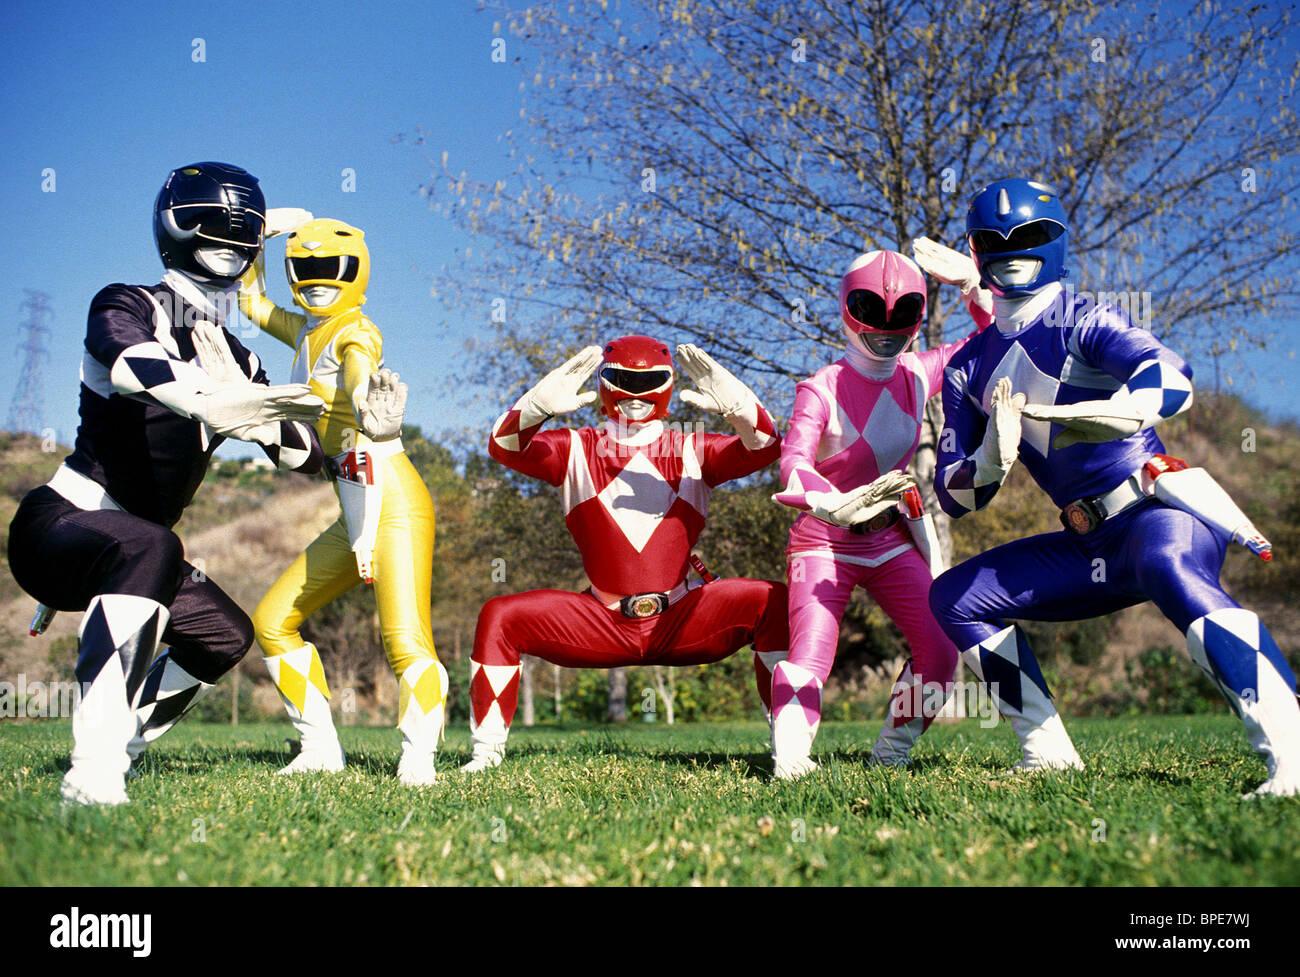 Charmant Mächtigen Morphin Power Ranger Malvorlagen Galerie ...